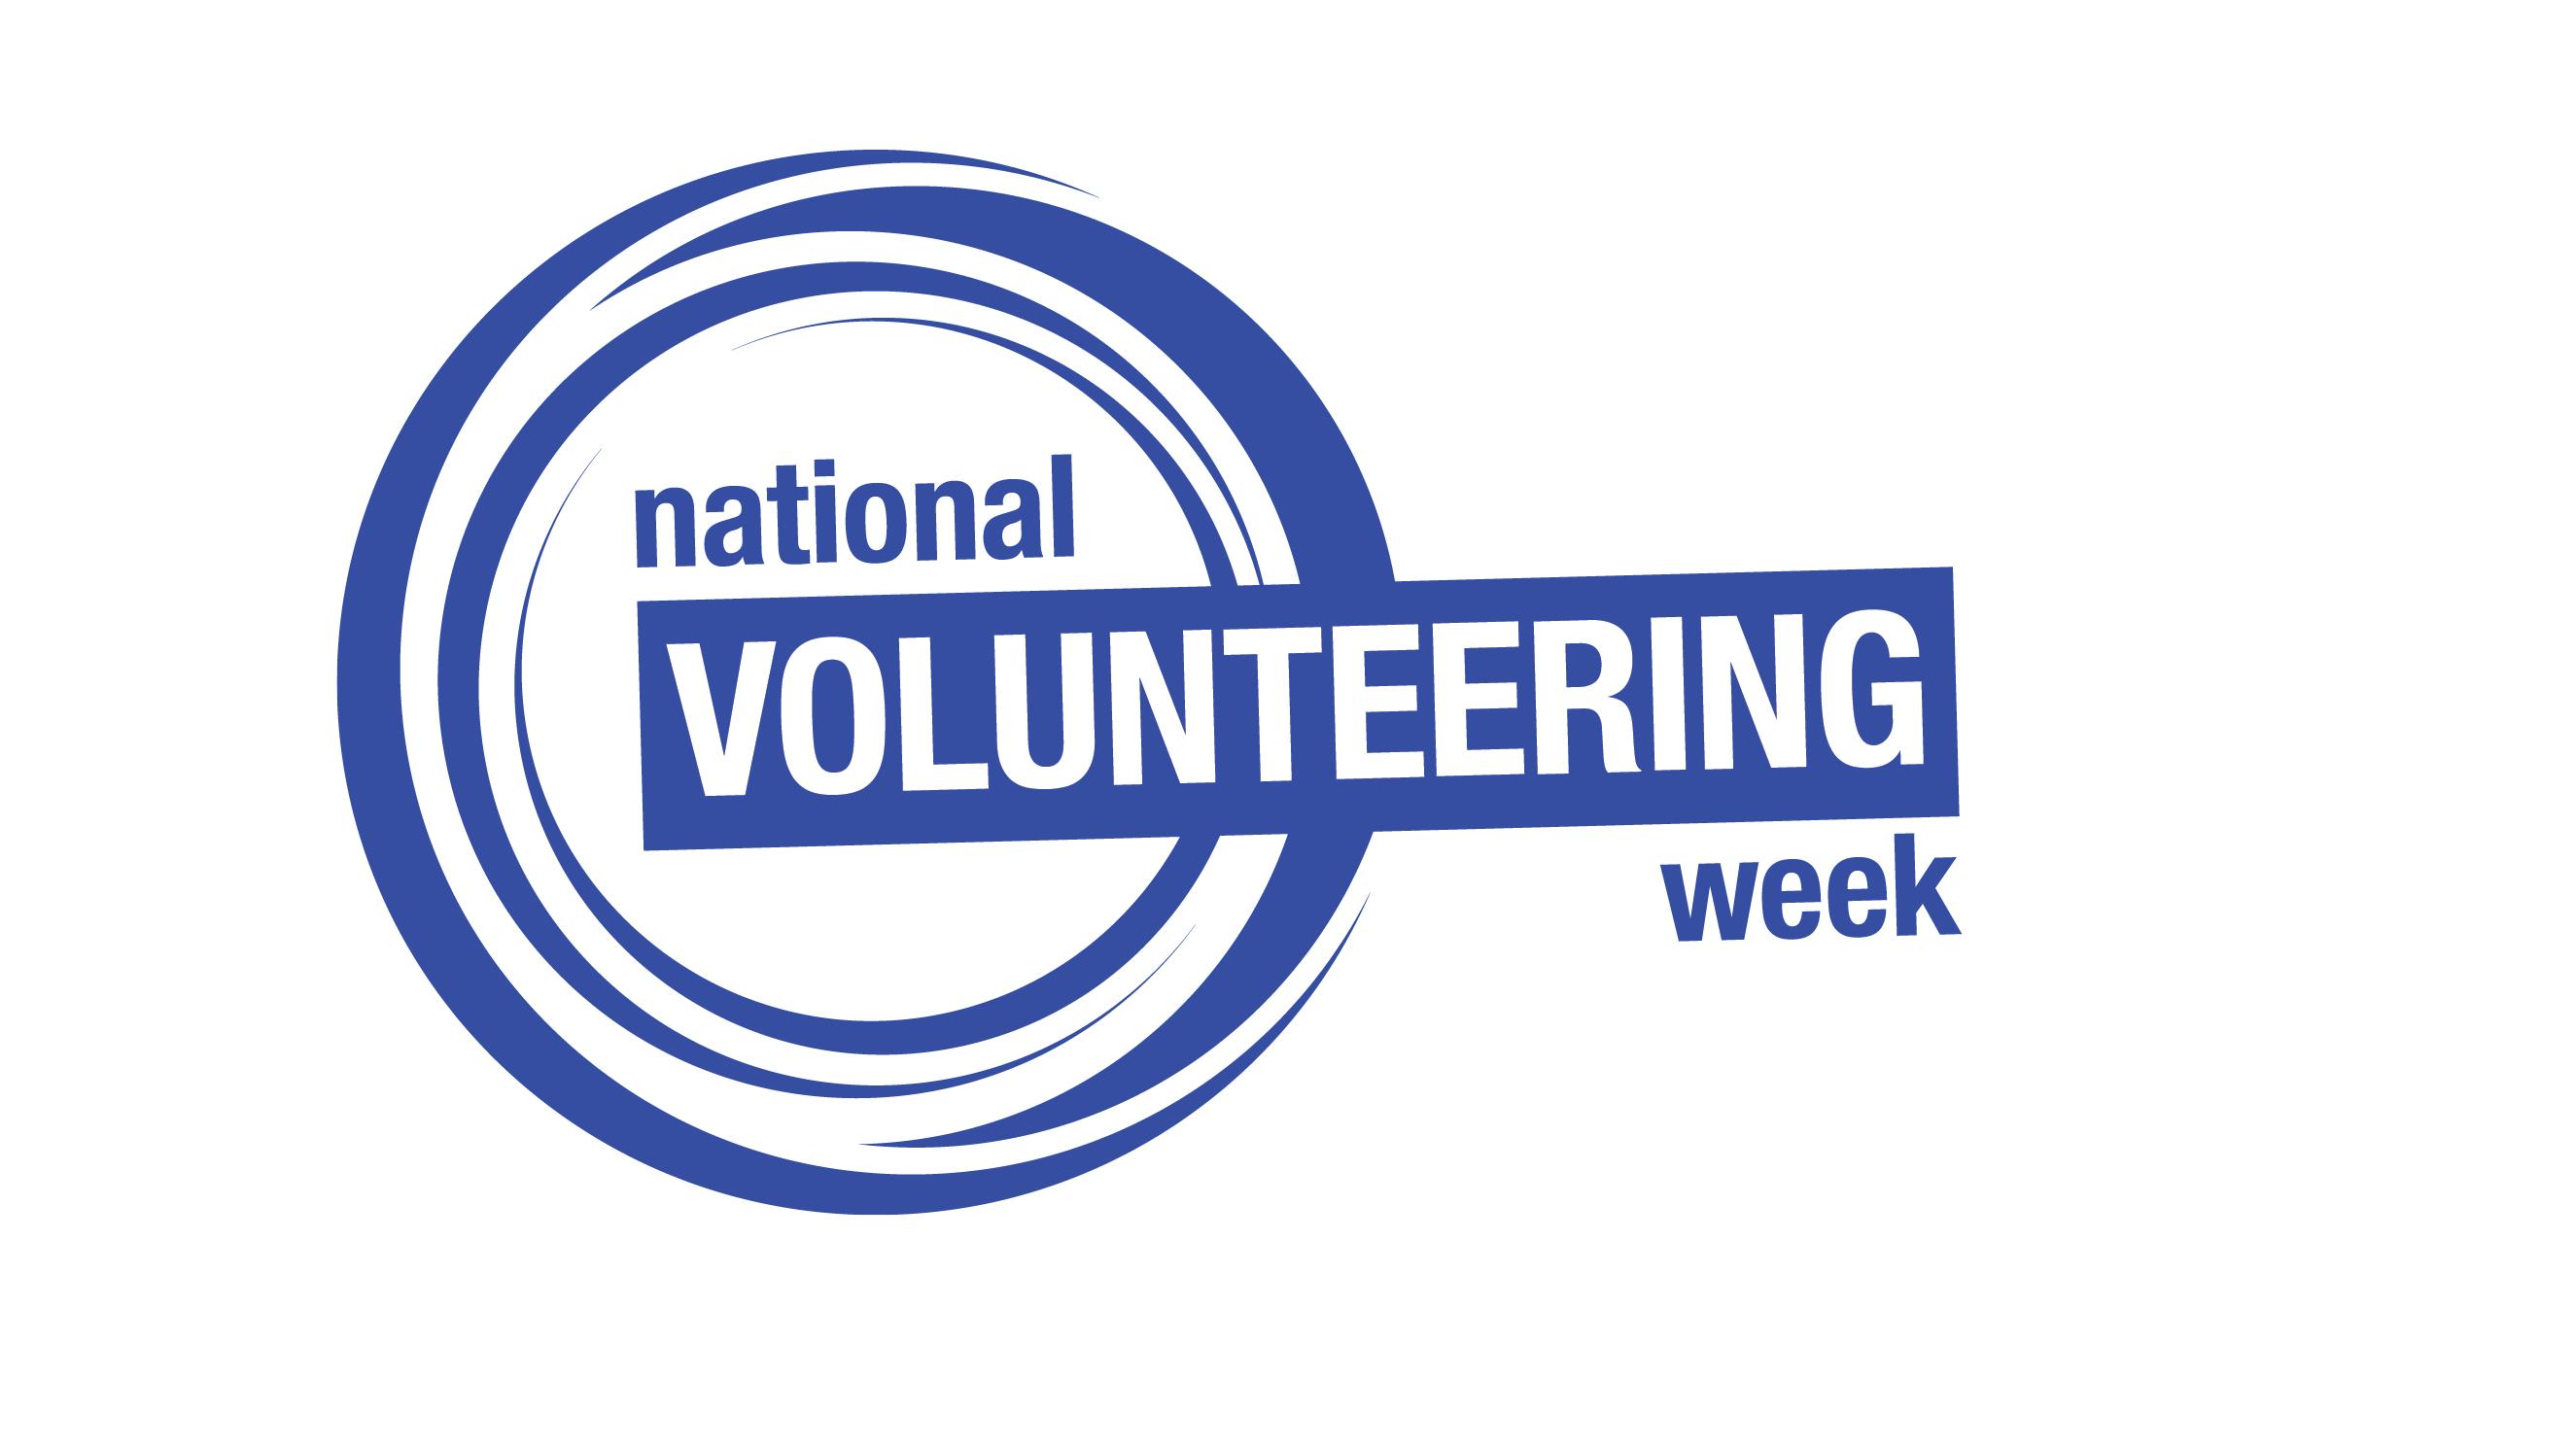 National Volunteering Week